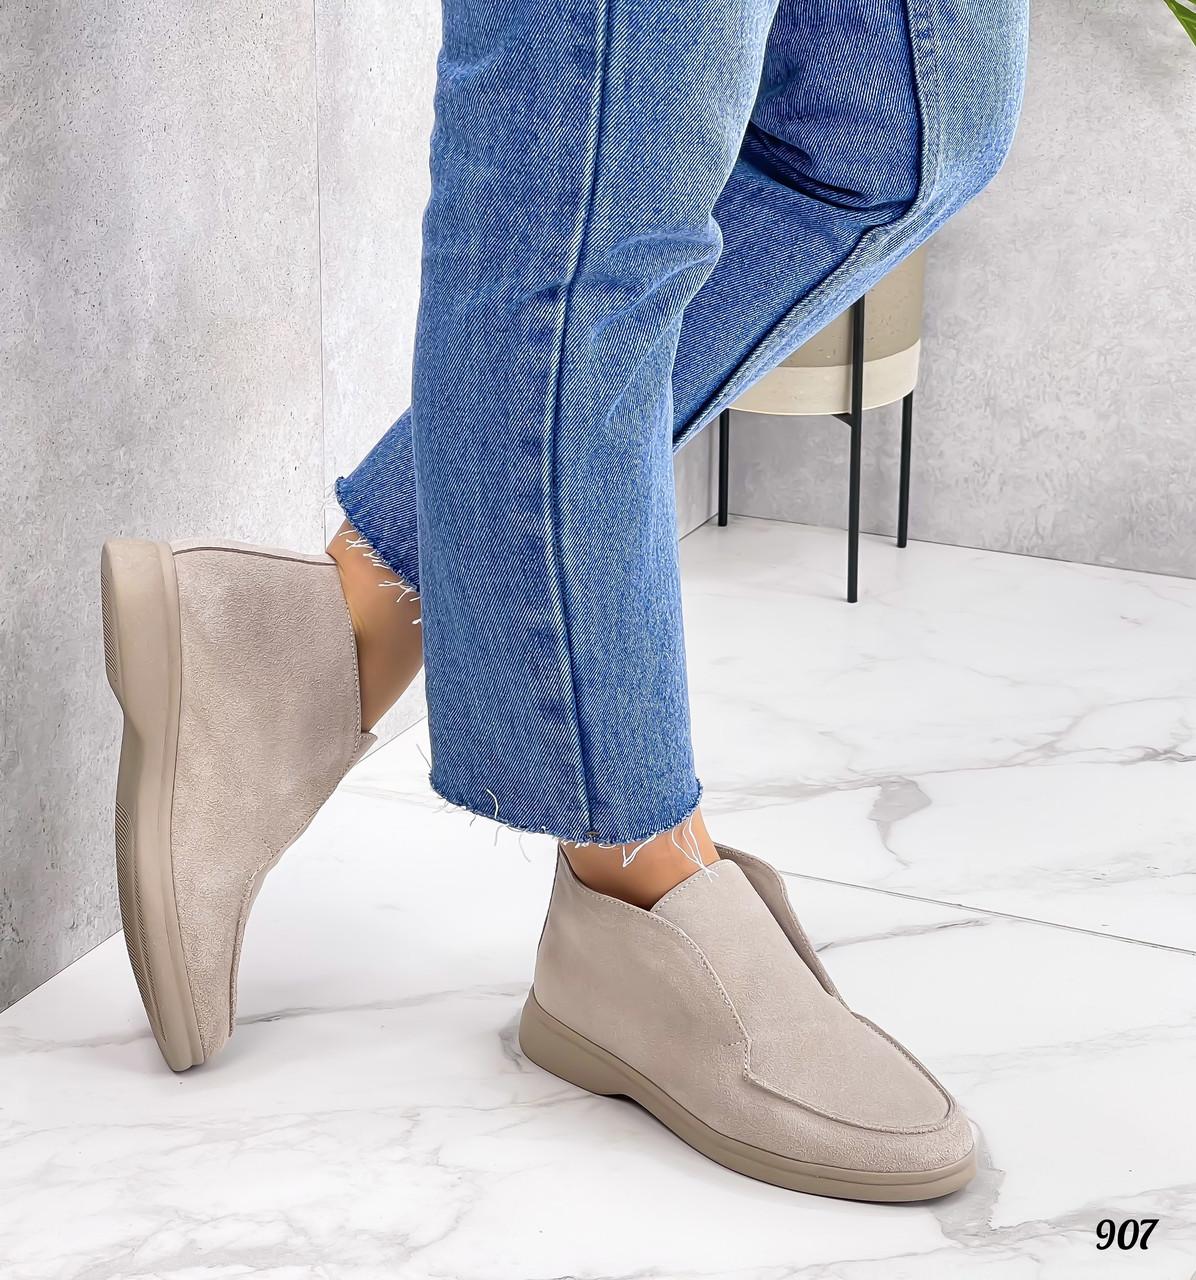 Туфли - лоферы высокие женские светло- бежевые натуральная замша